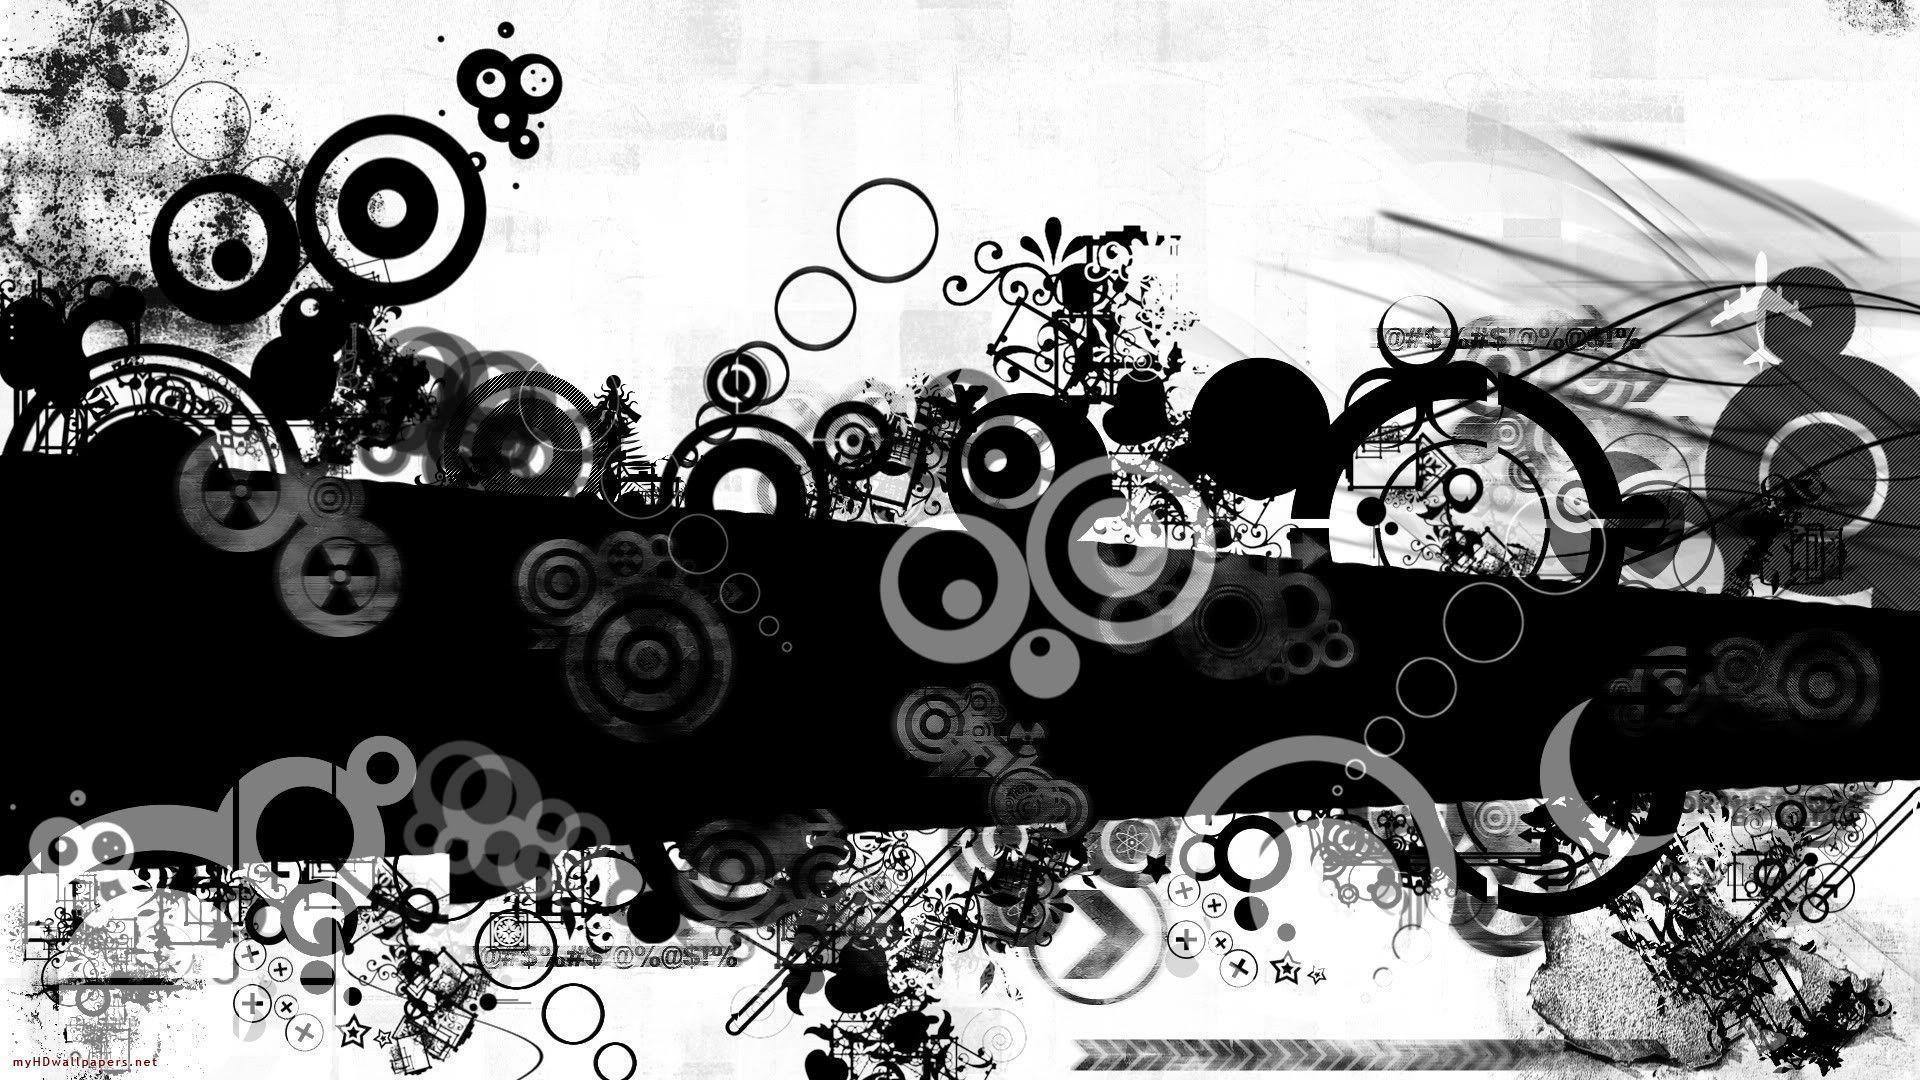 Hd wallpaper white - Black